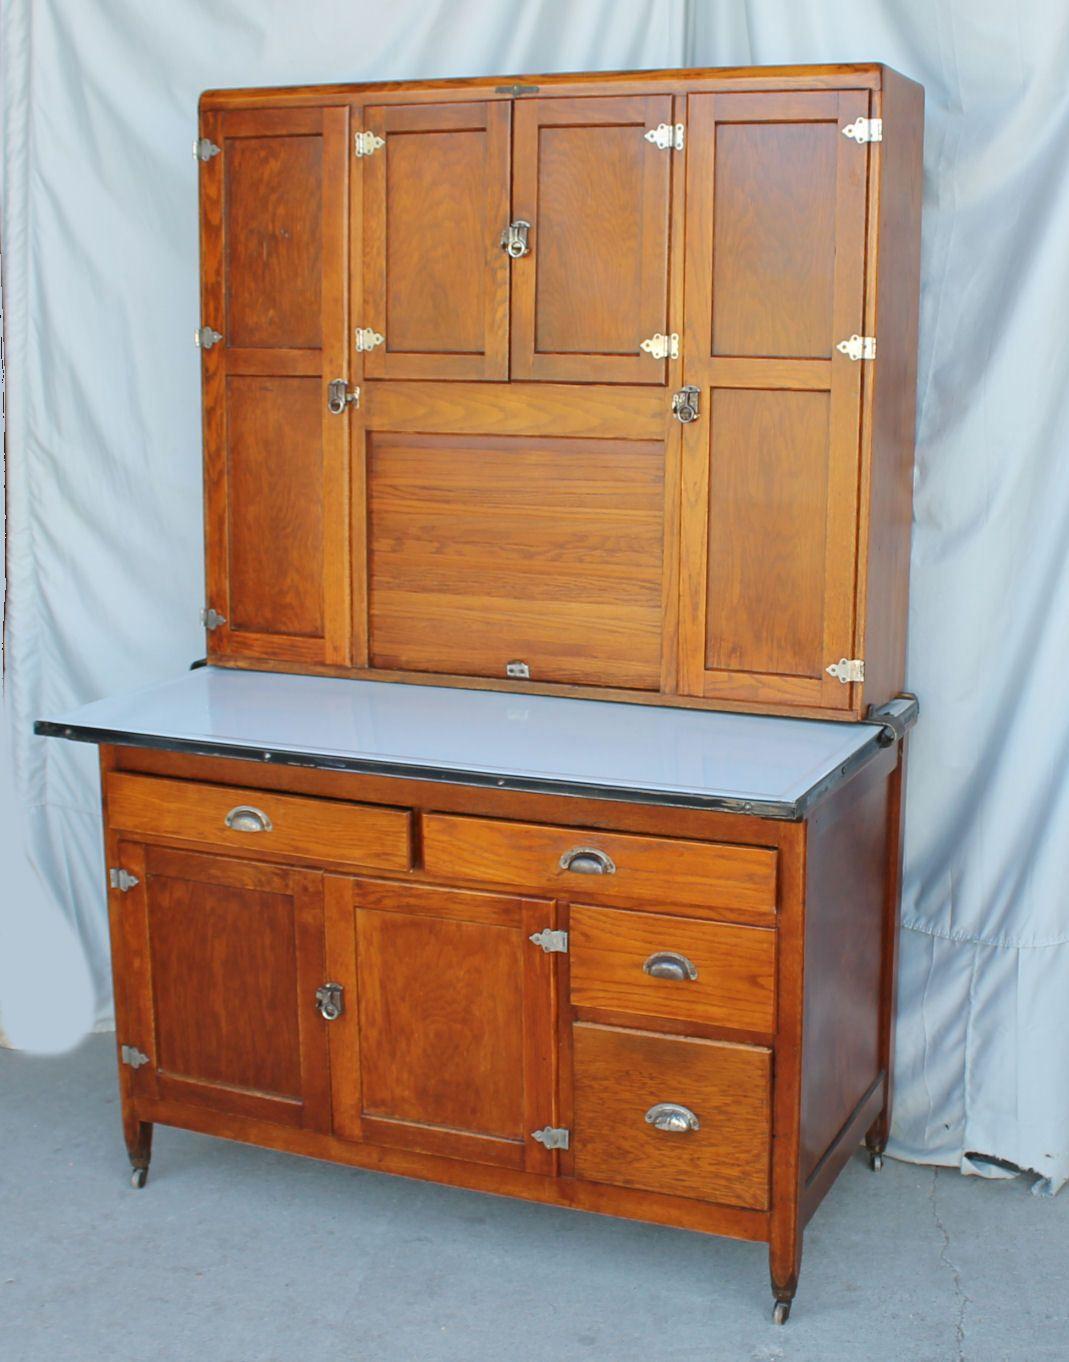 Oak Kitchen Cabinet - Naponee Hoosier Style | eBay | Oak ...